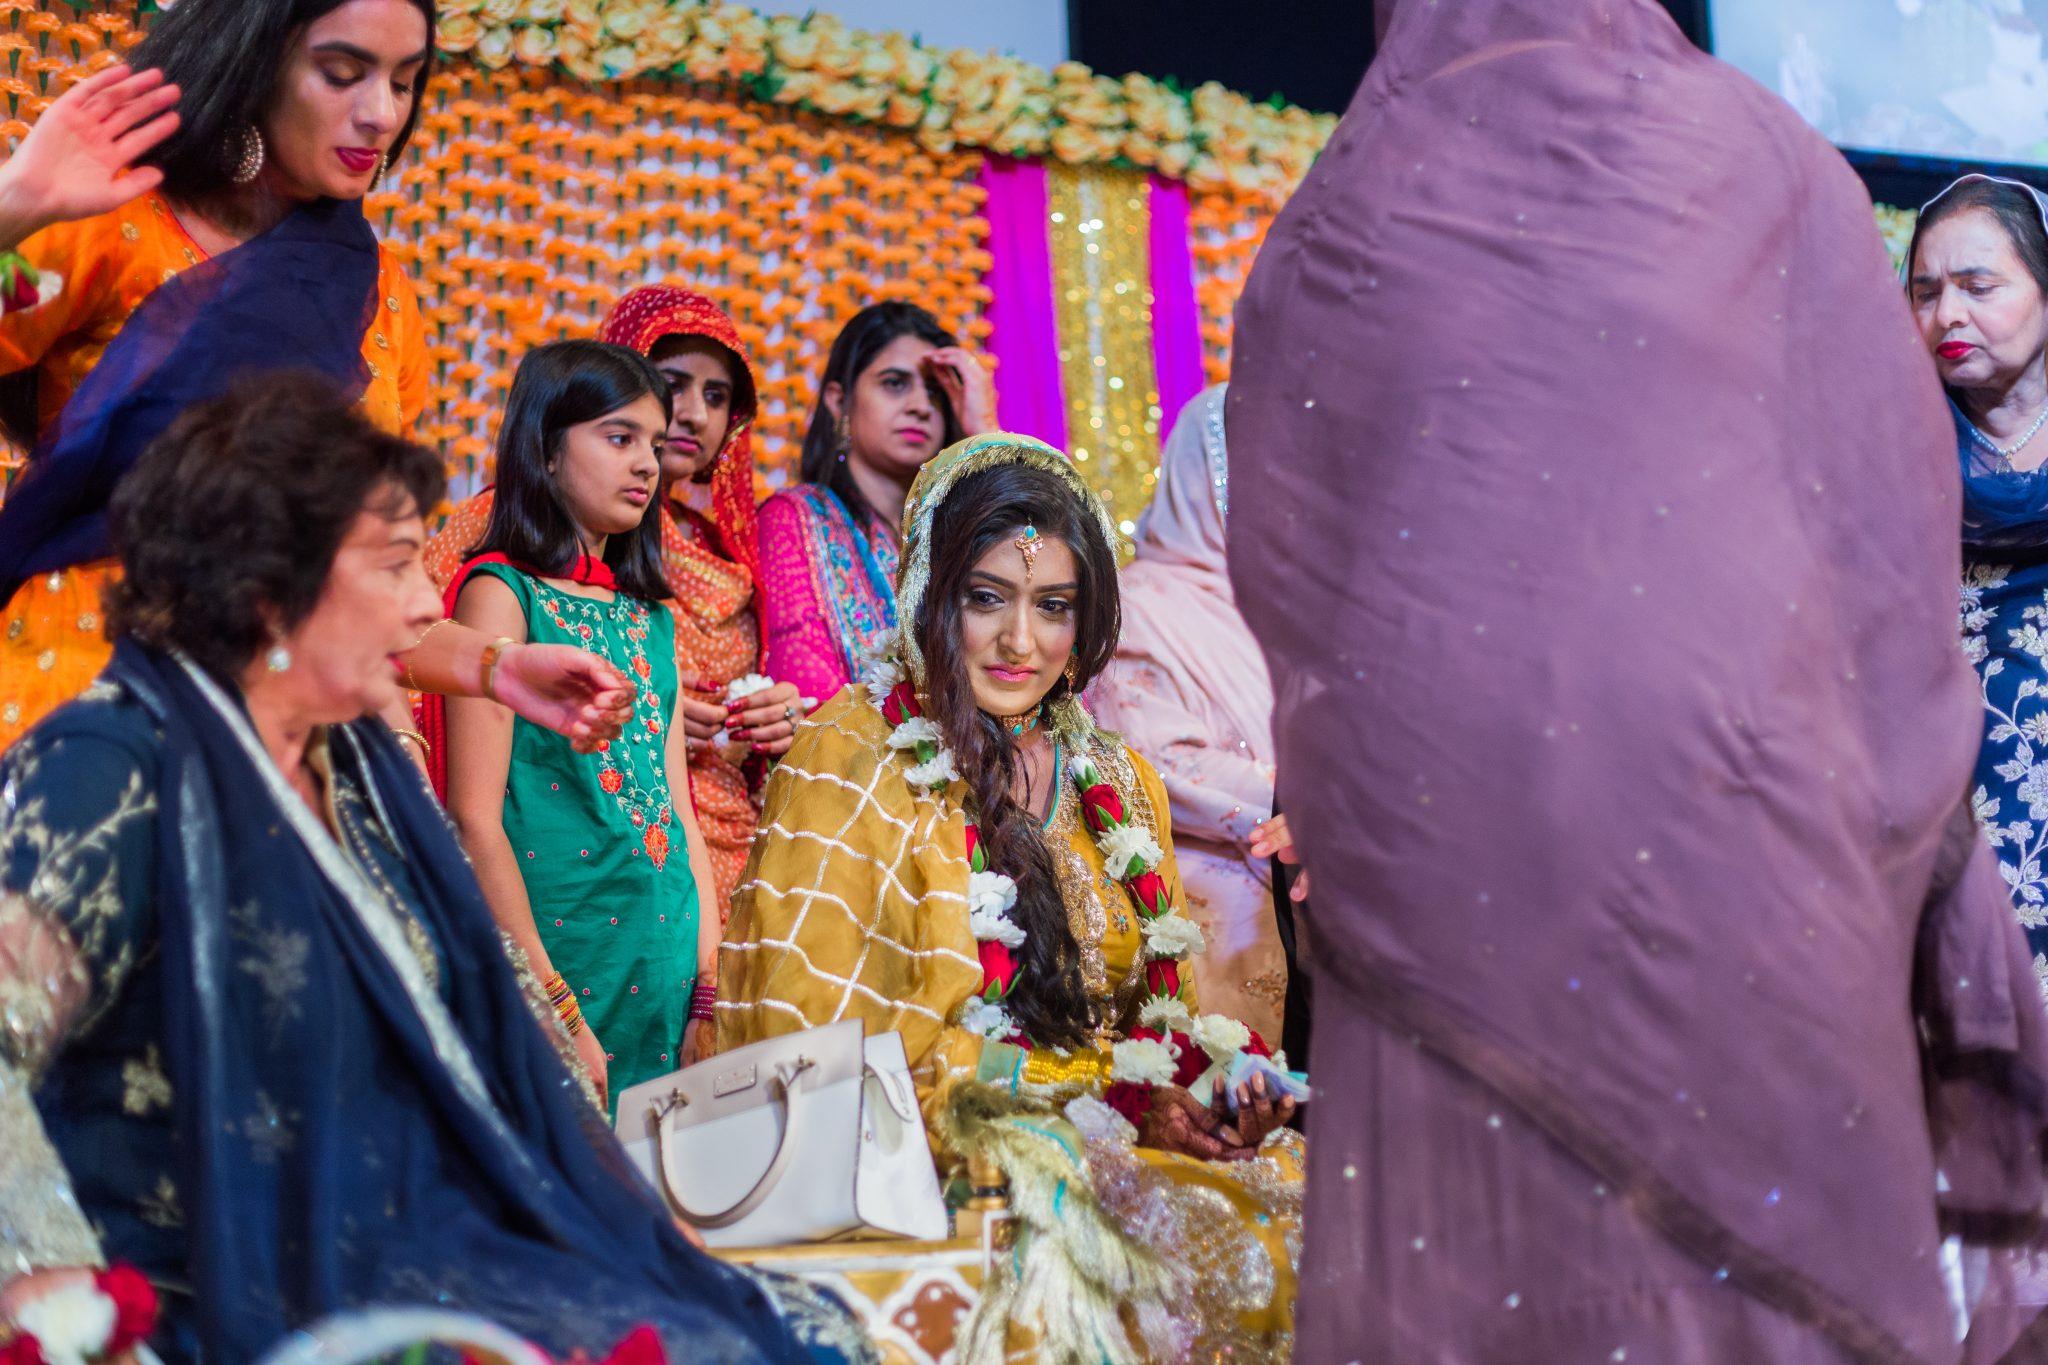 Bruden kler seg vanligvis i gult på mehndi-sermonien